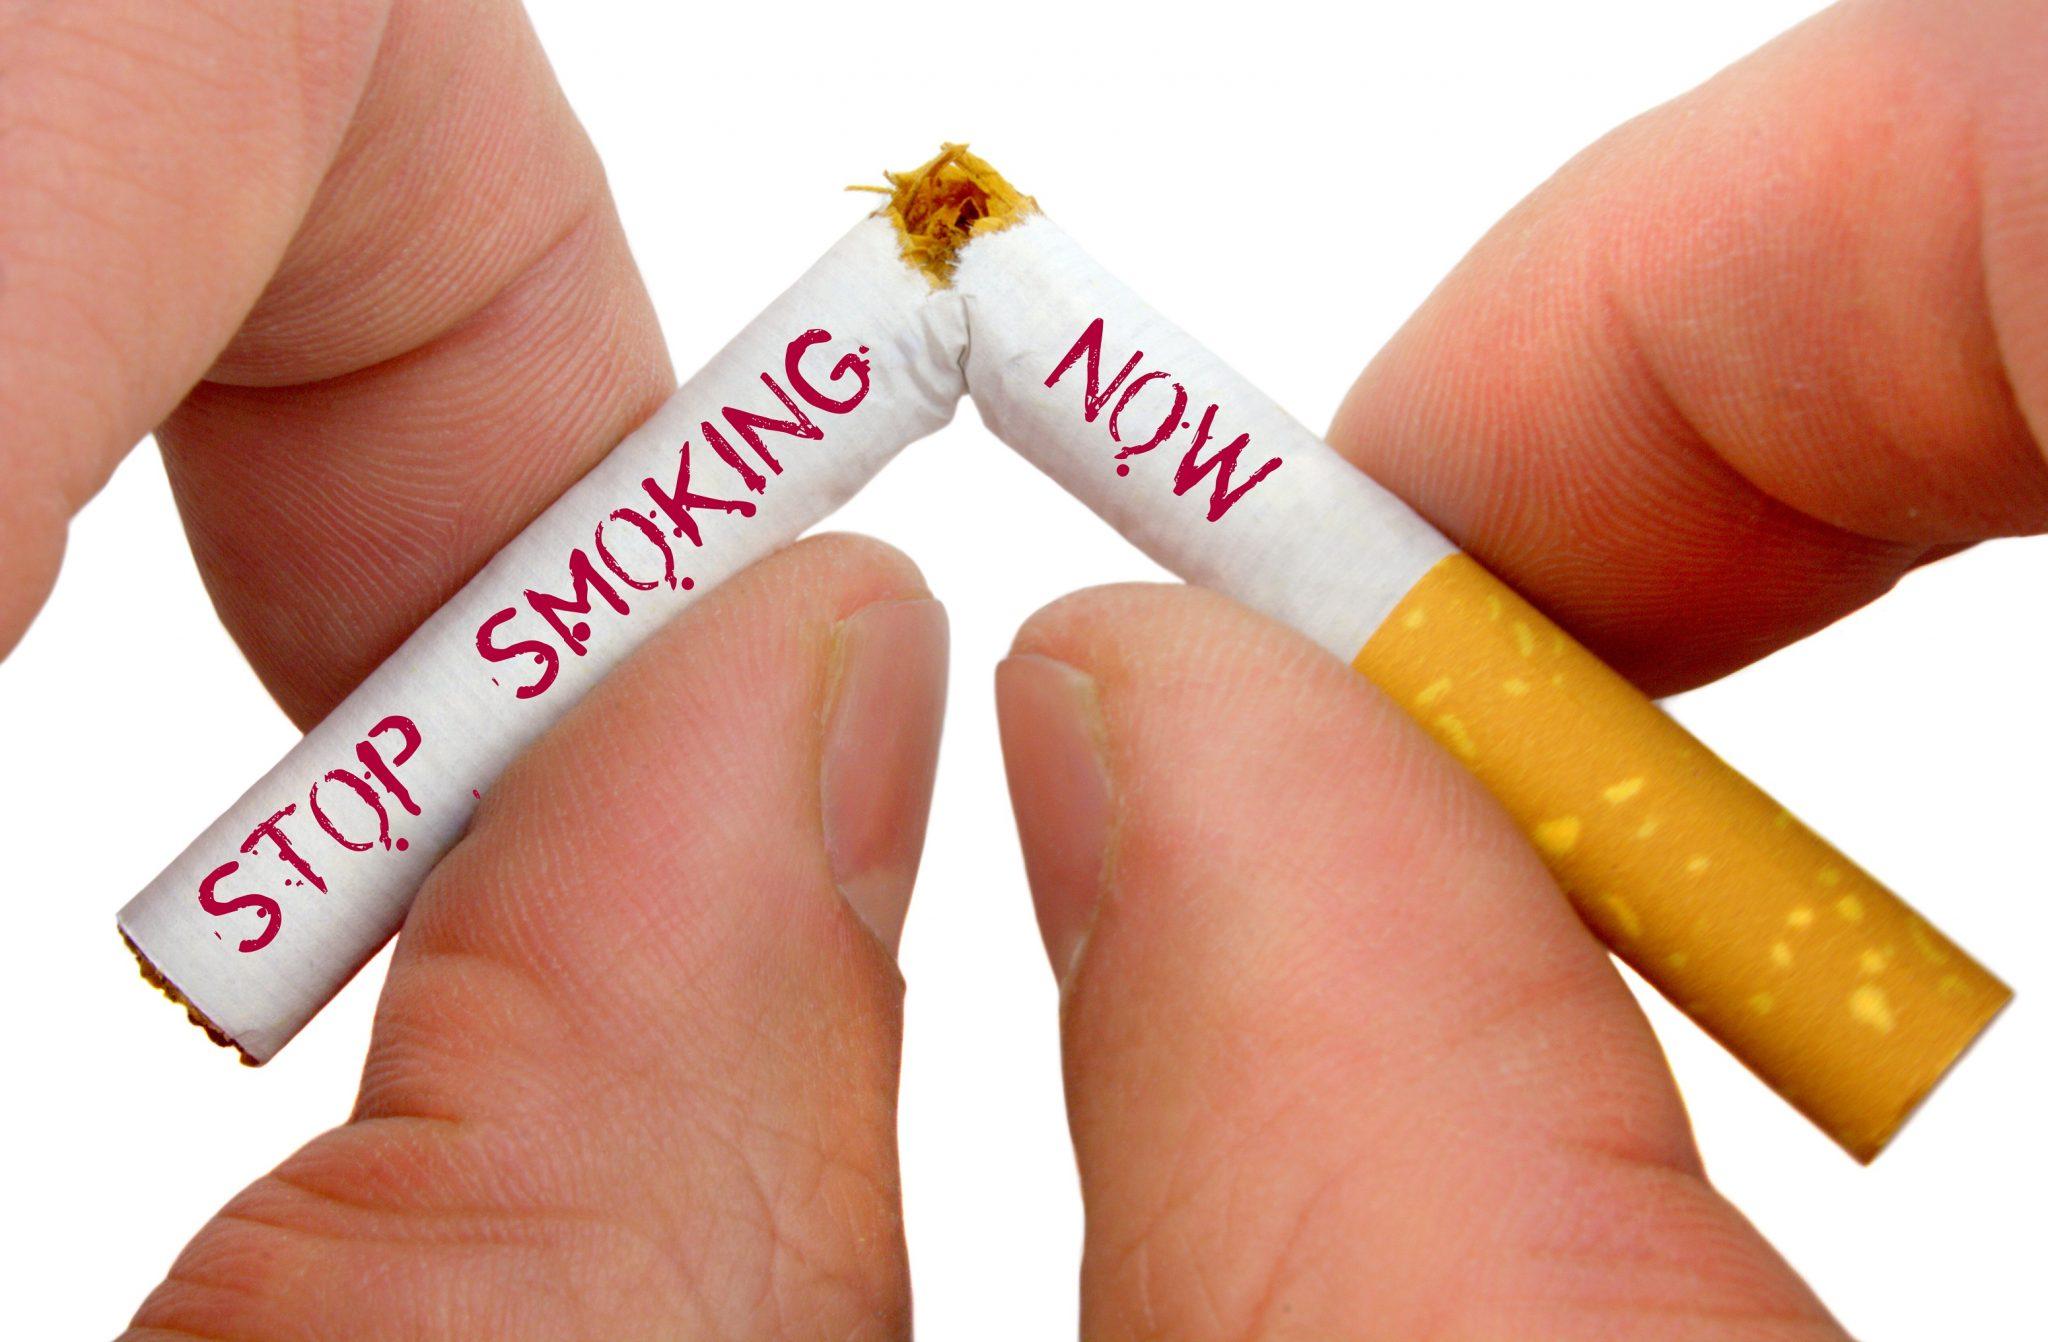 جایگزین سیگار به نام برگ کراتوم